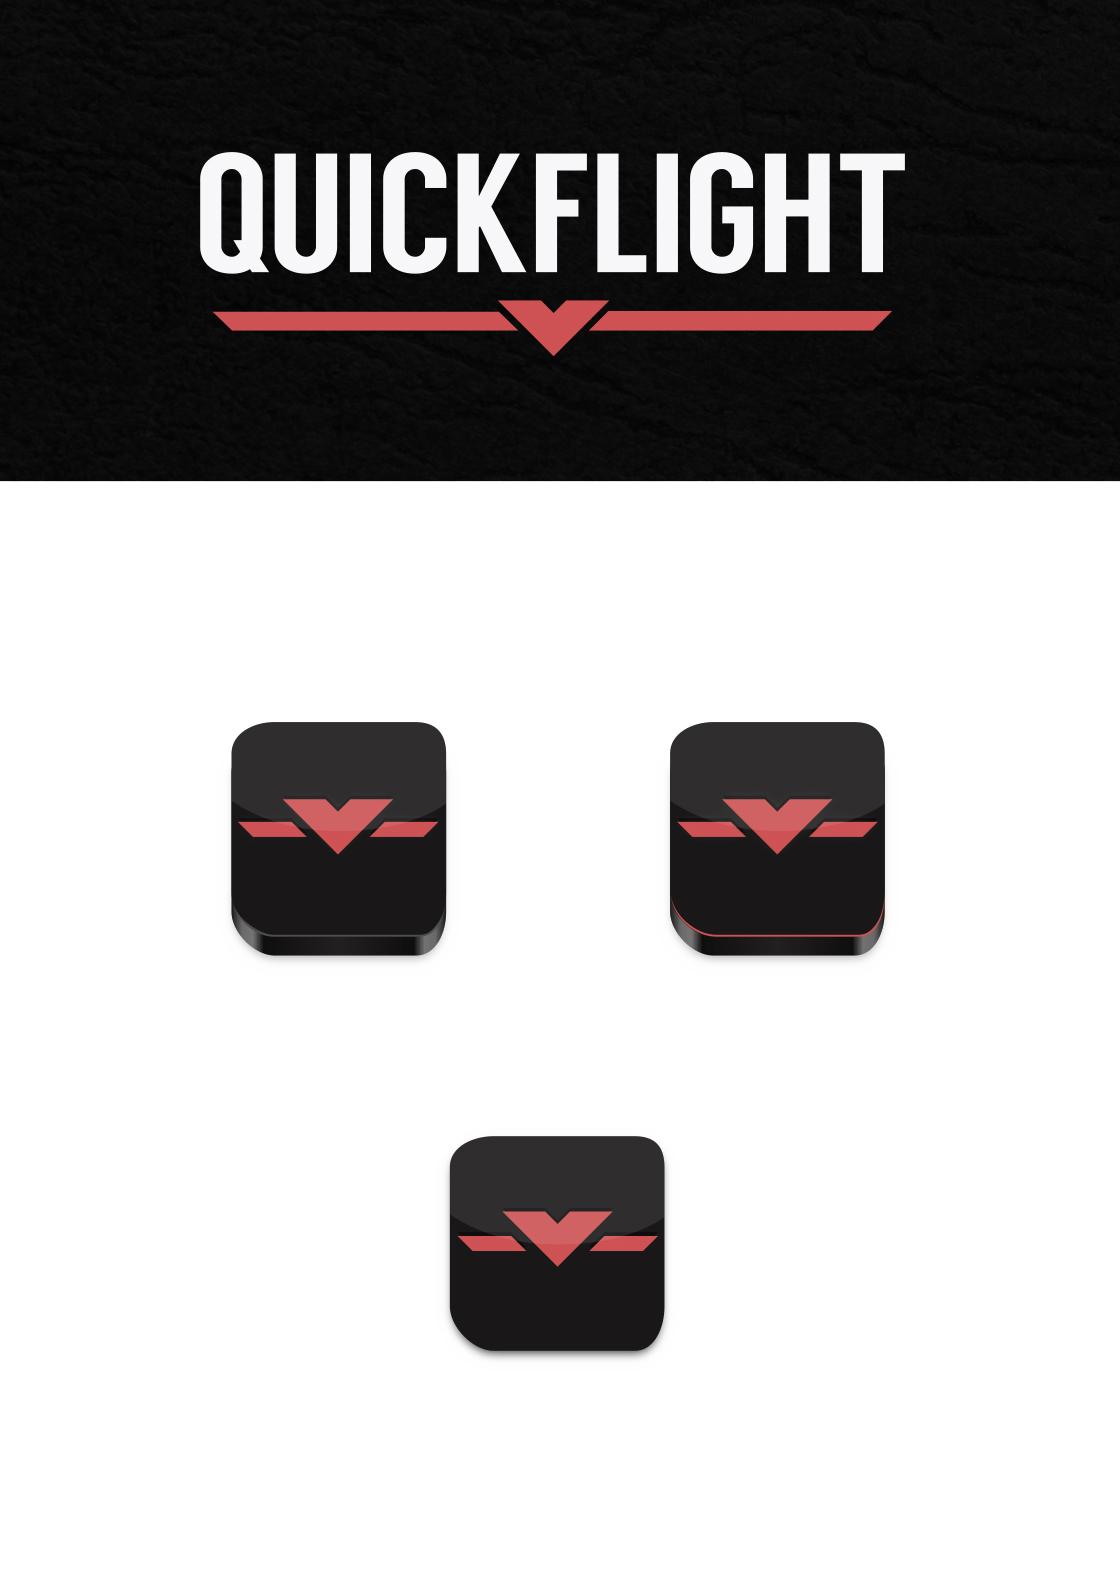 Quickflight